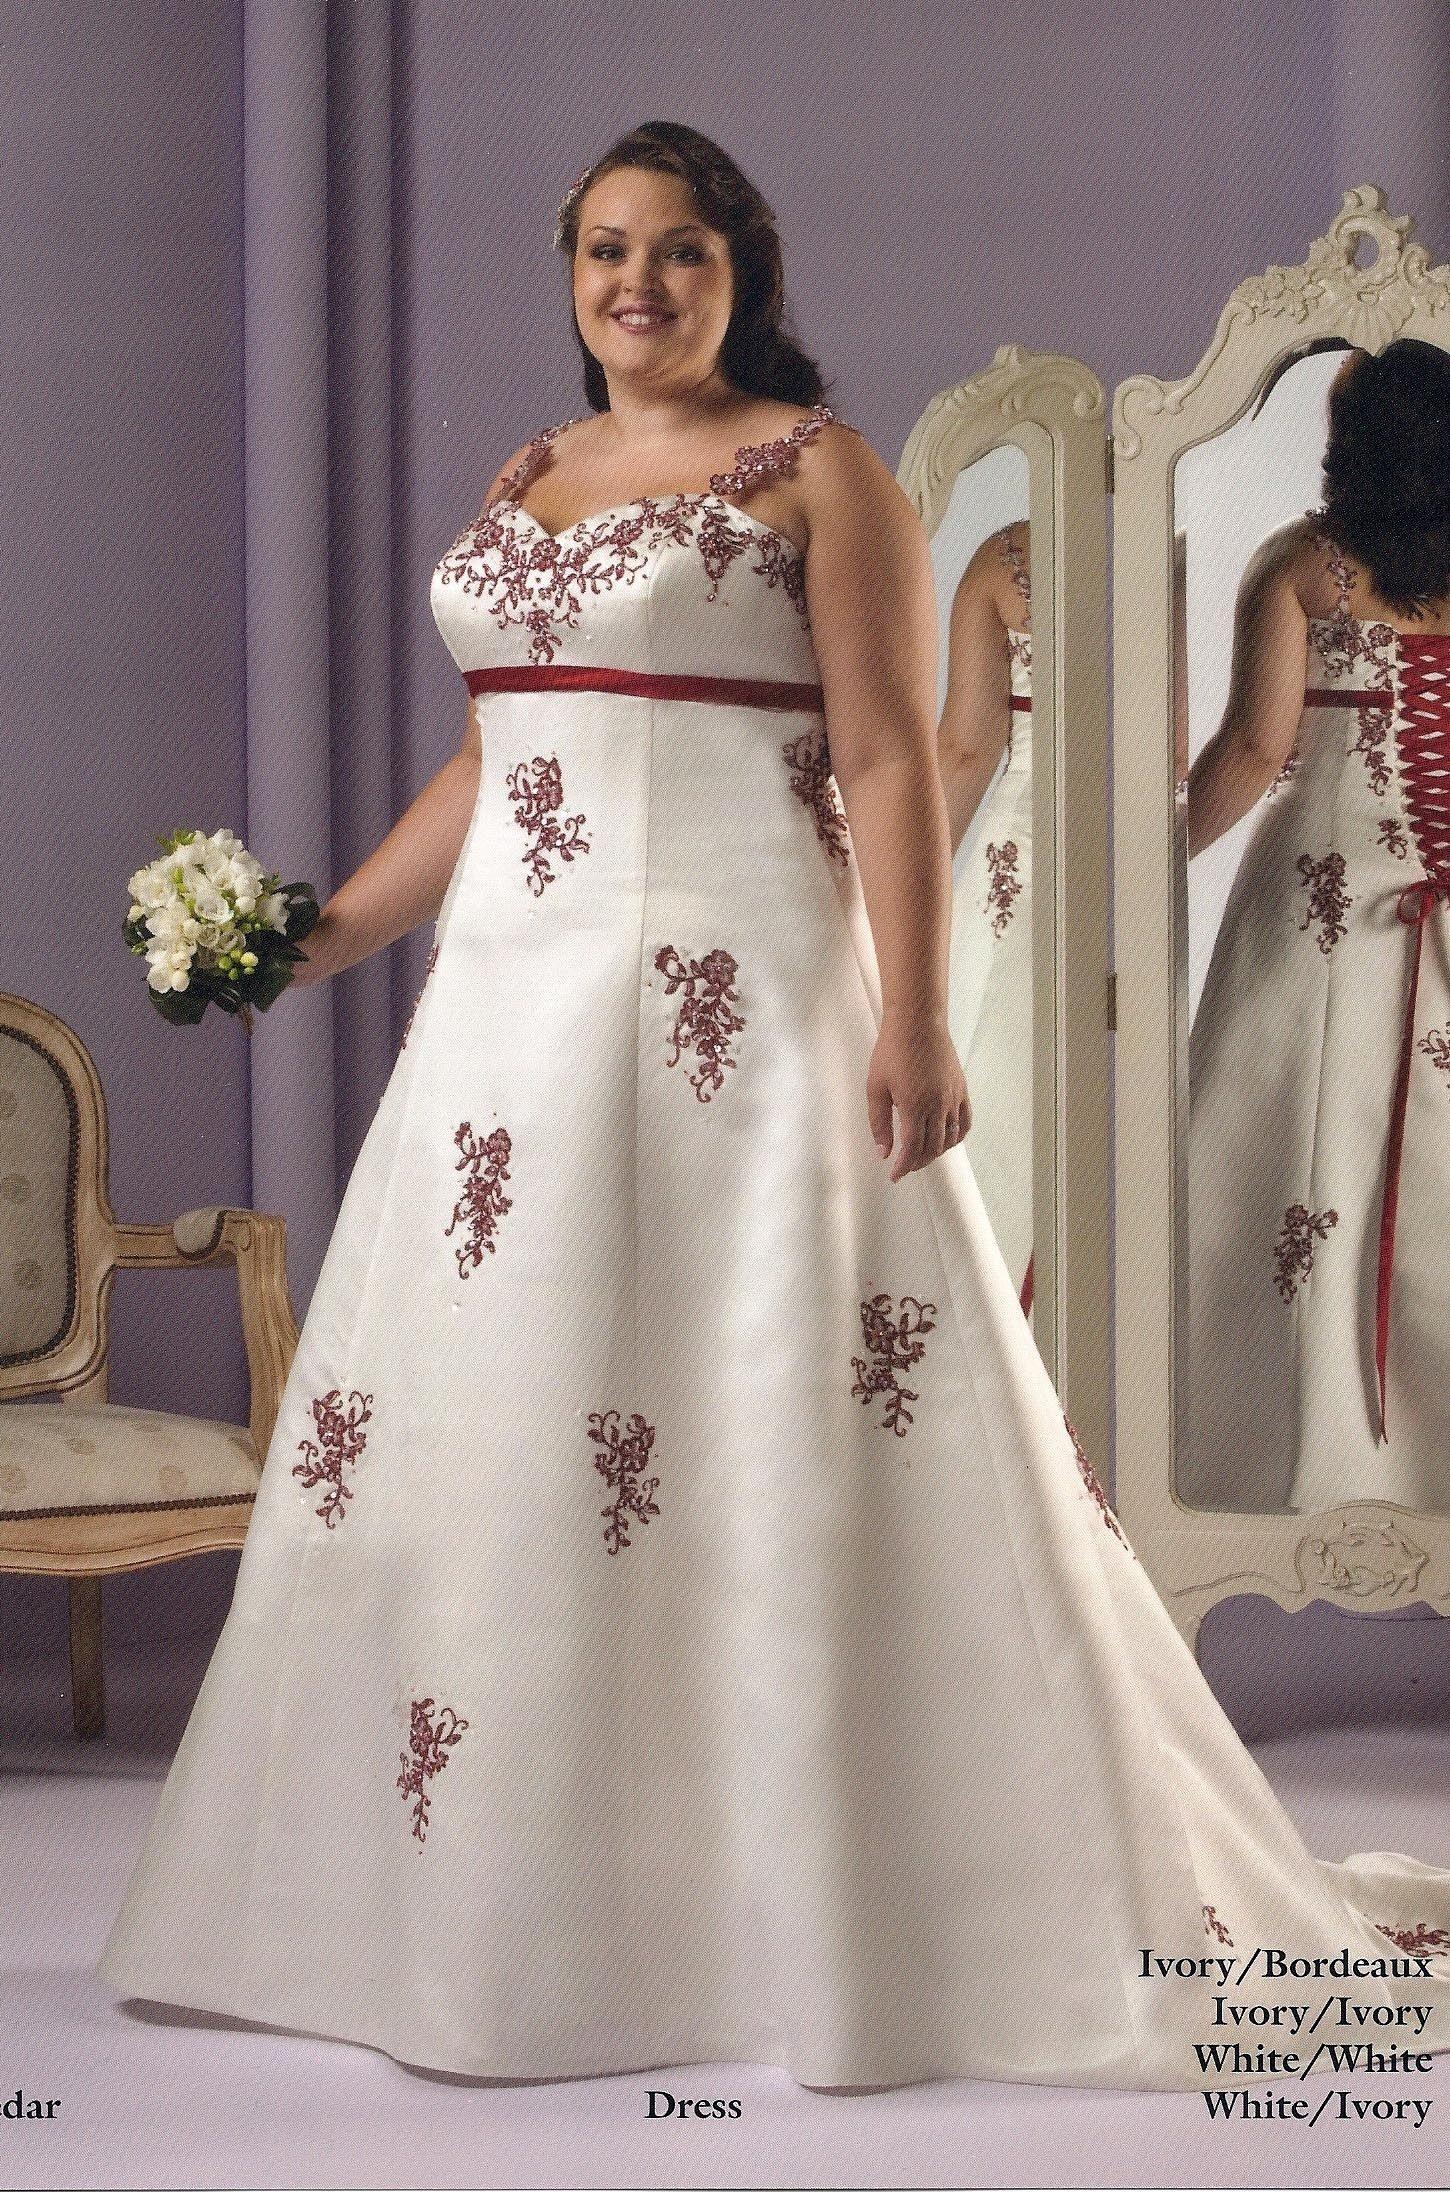 10 Genial Hochzeitskleider Günstig für 201913 Fantastisch Hochzeitskleider Günstig Bester Preis